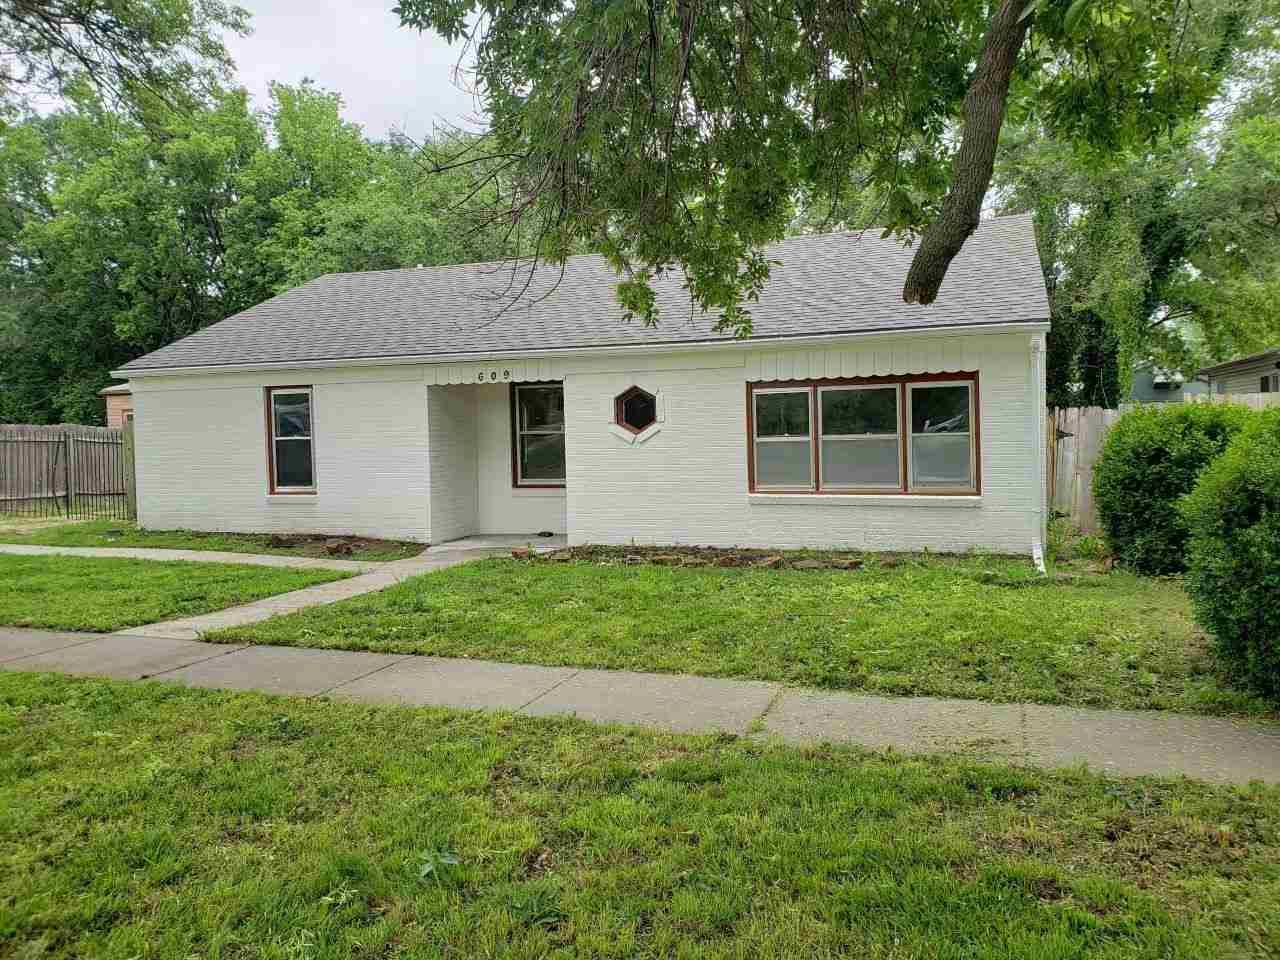 609 E Mulvane St, Mulvane, KS, 67110